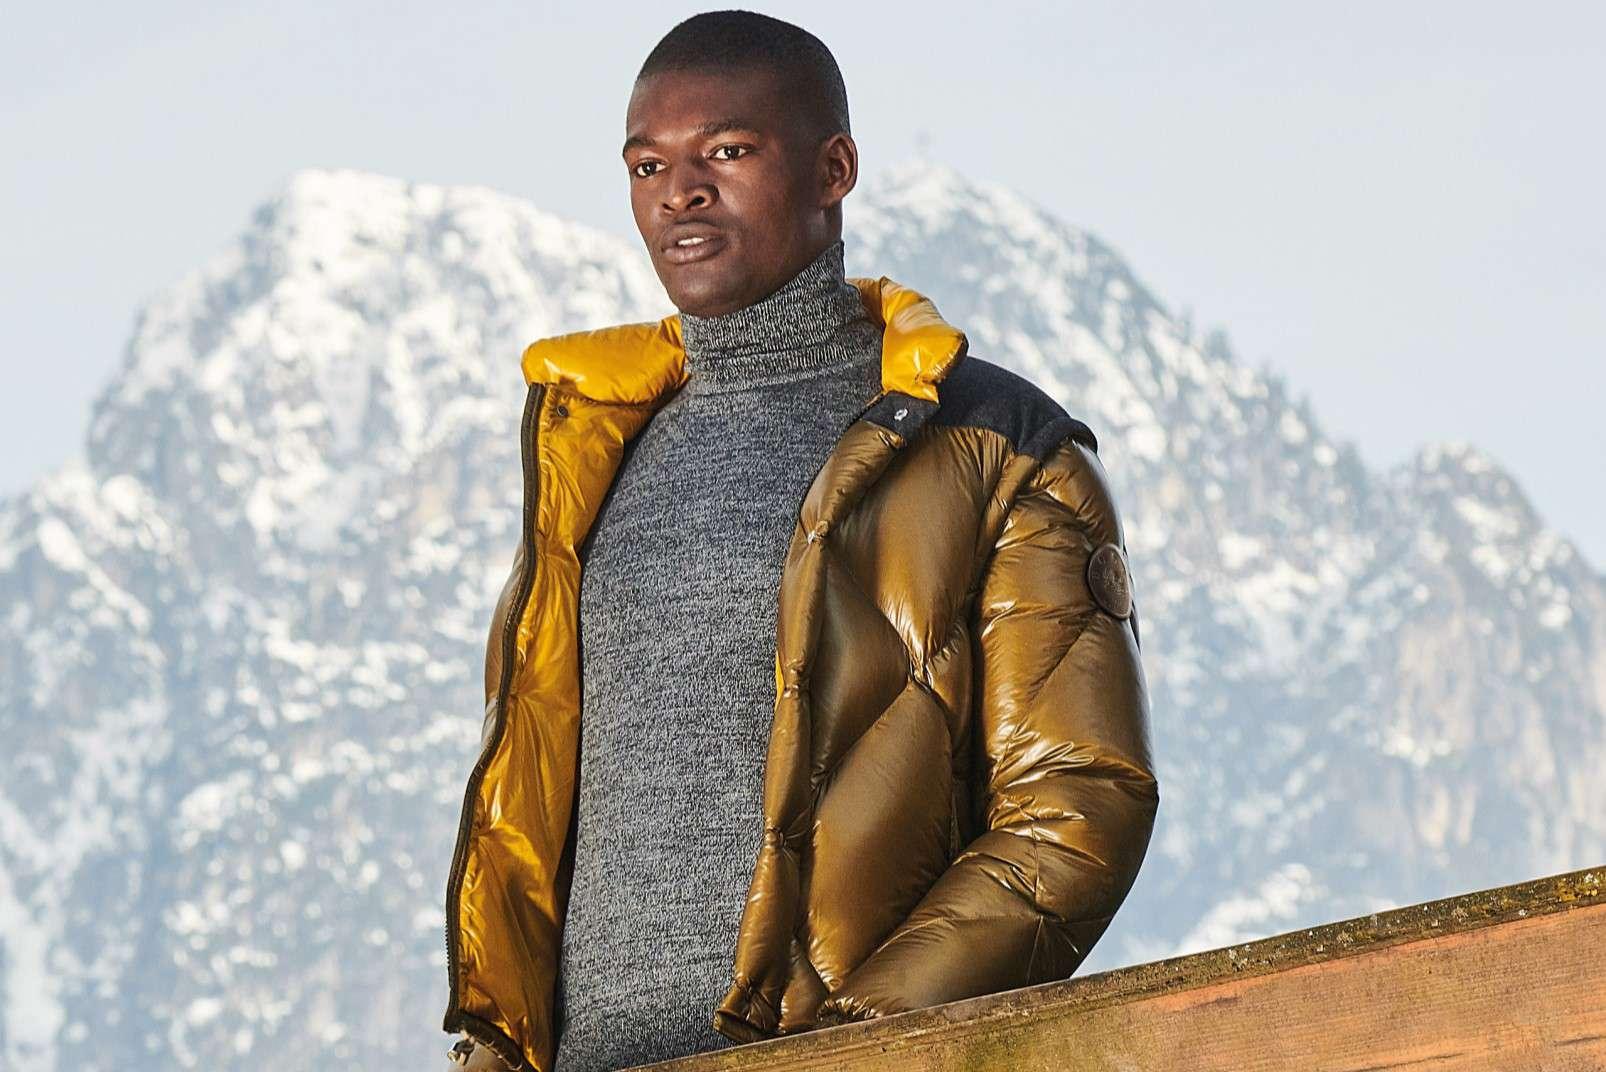 Boggi Milano ochre bomber jacket BO18A011704 outfit